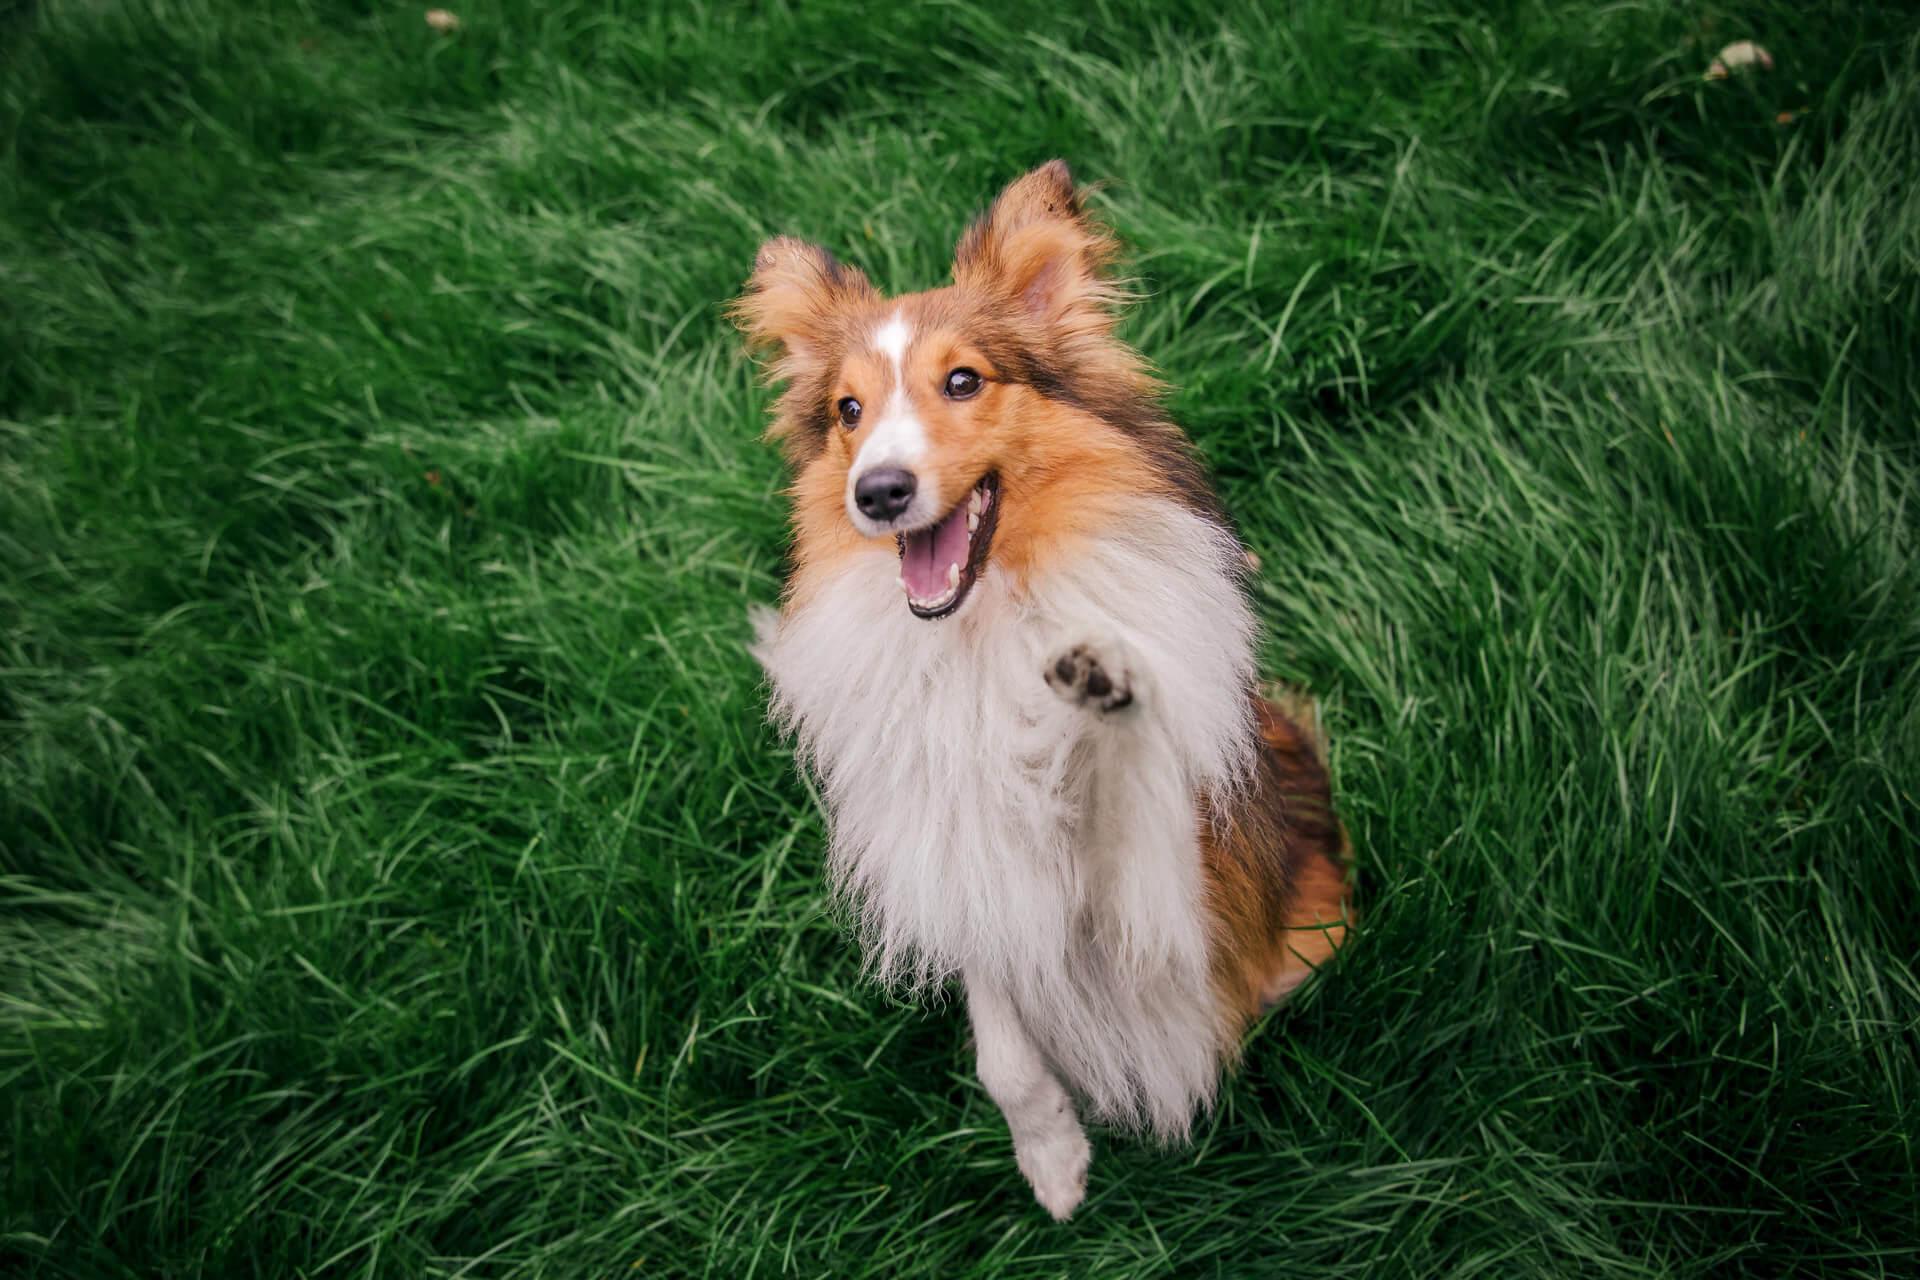 La Rally-Obedience: disciplina in ascesa per esercitare il cane?